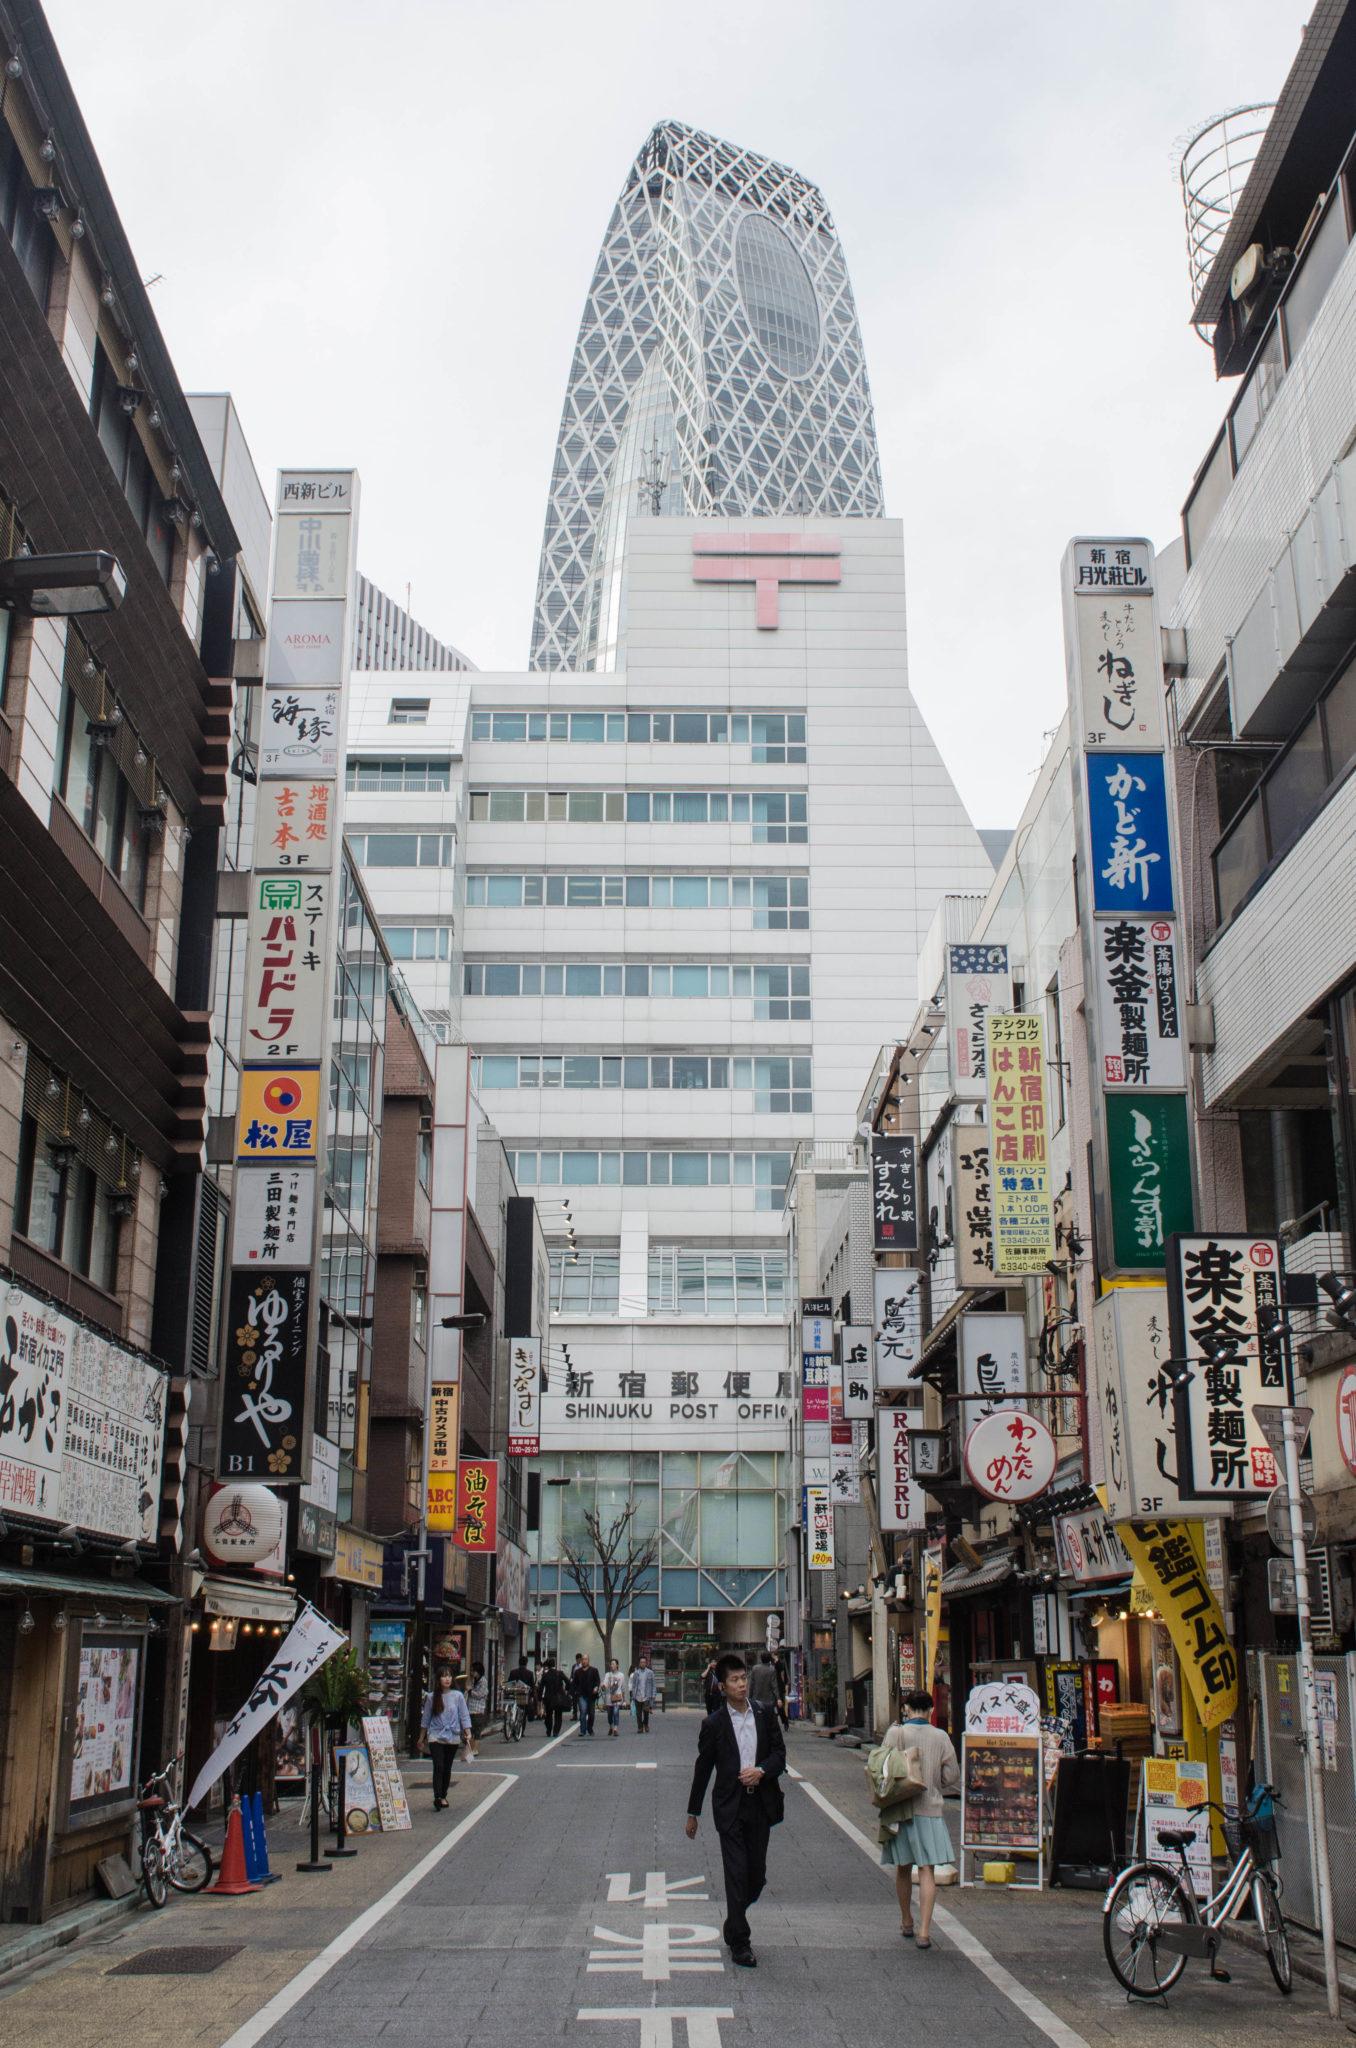 In unserem Japan Reisebericht findet ihr eine Menge Informationen zu Transport und Sicherheit in Japan.